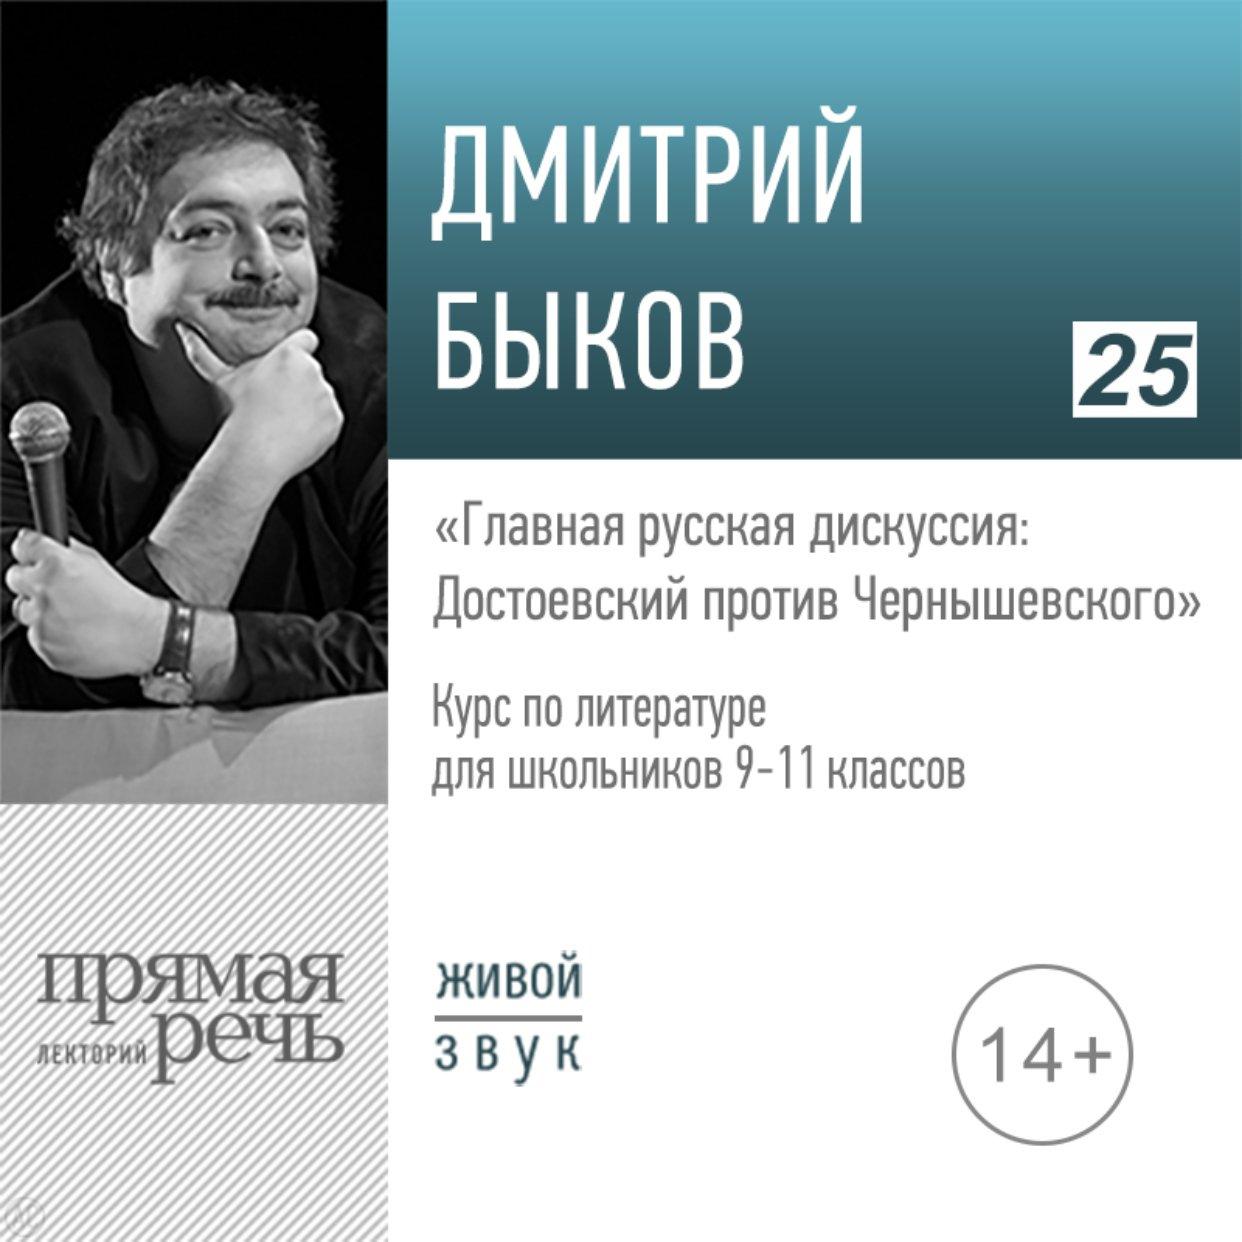 Главная русская дискуссия: Достоевский против Чернышевского. Литература. 9-11 класс